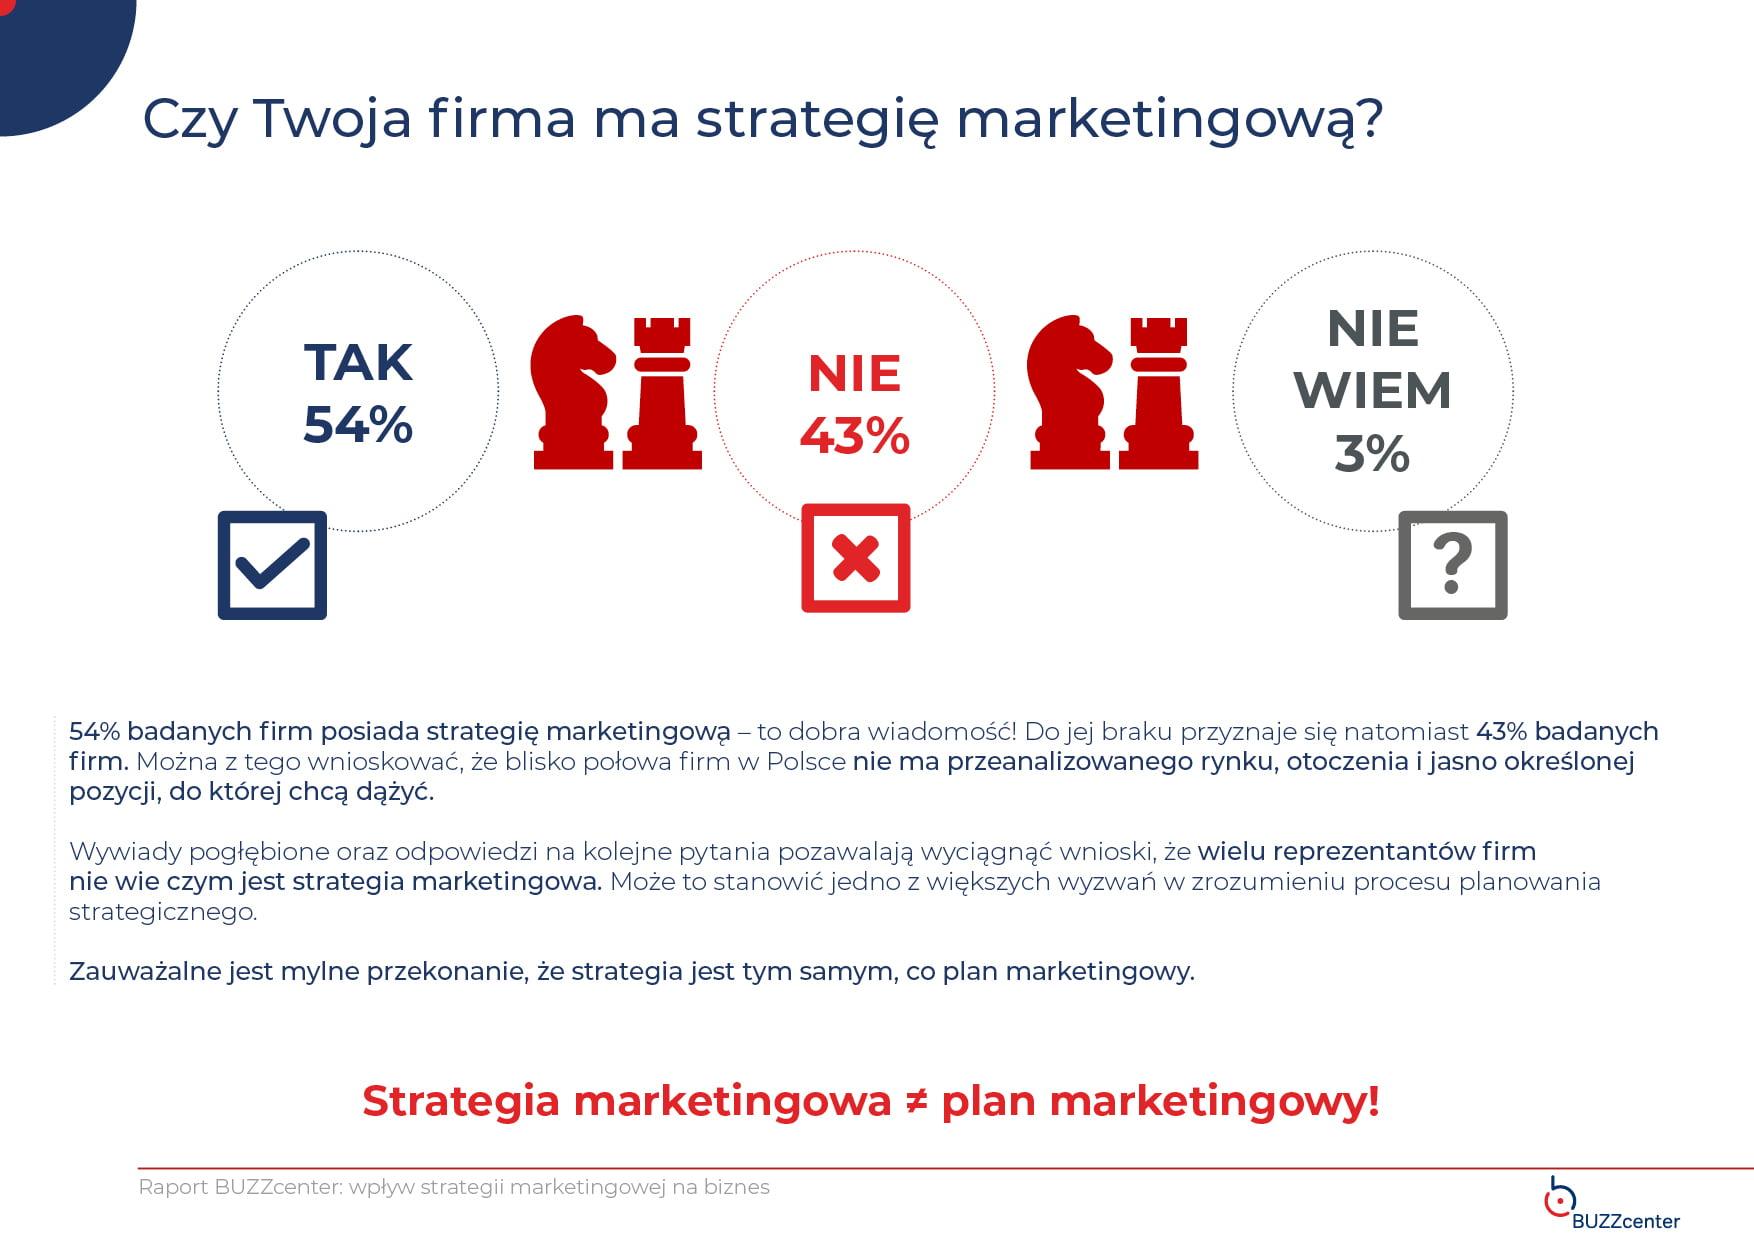 ile firm ma strategię marketingową